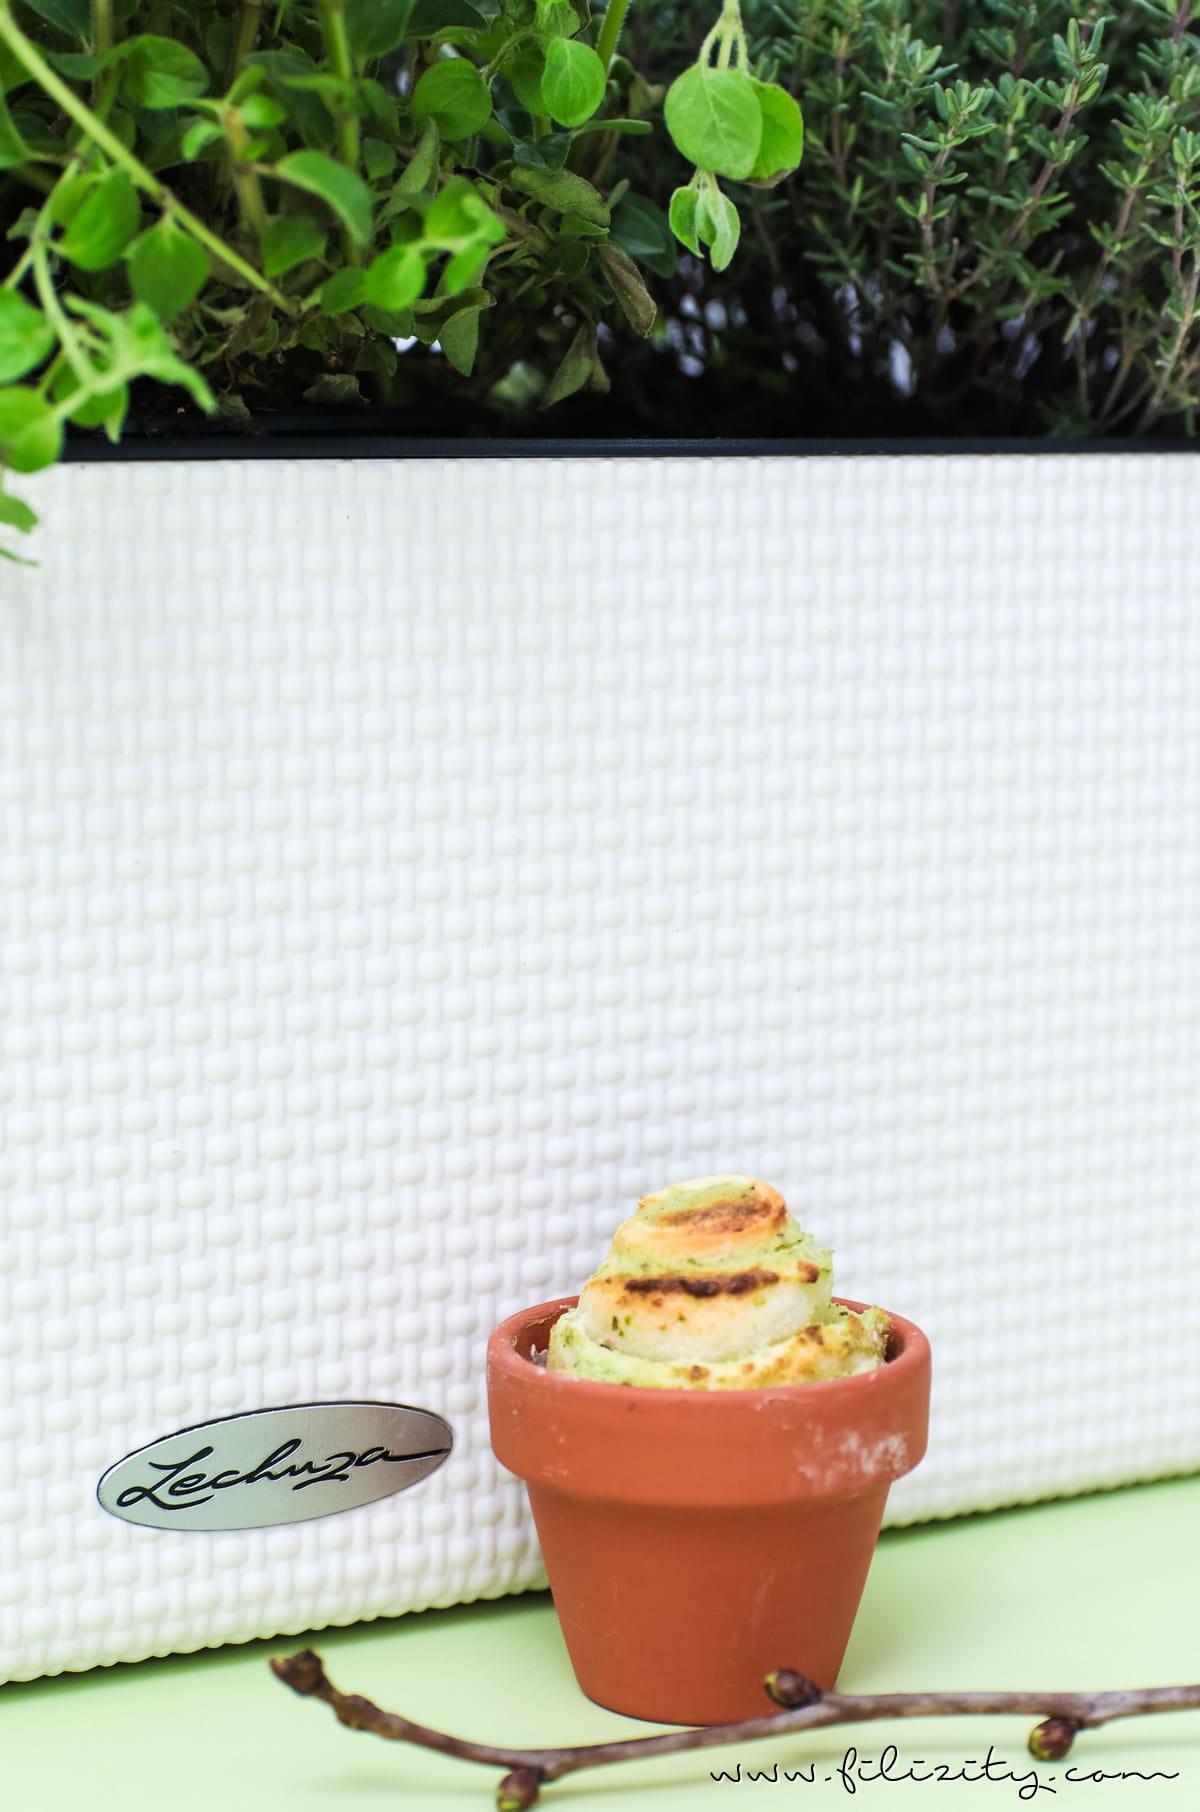 Kräuter-Pizzabrötchen im Tontöpfchen backen | Snack / Fingerfood für Frühling, Oster-Brunch oder Grillfest im Sommer | Filizity.com | Food-Blog aus dem Rheinland #pizza #lechuza #lechuzaworld